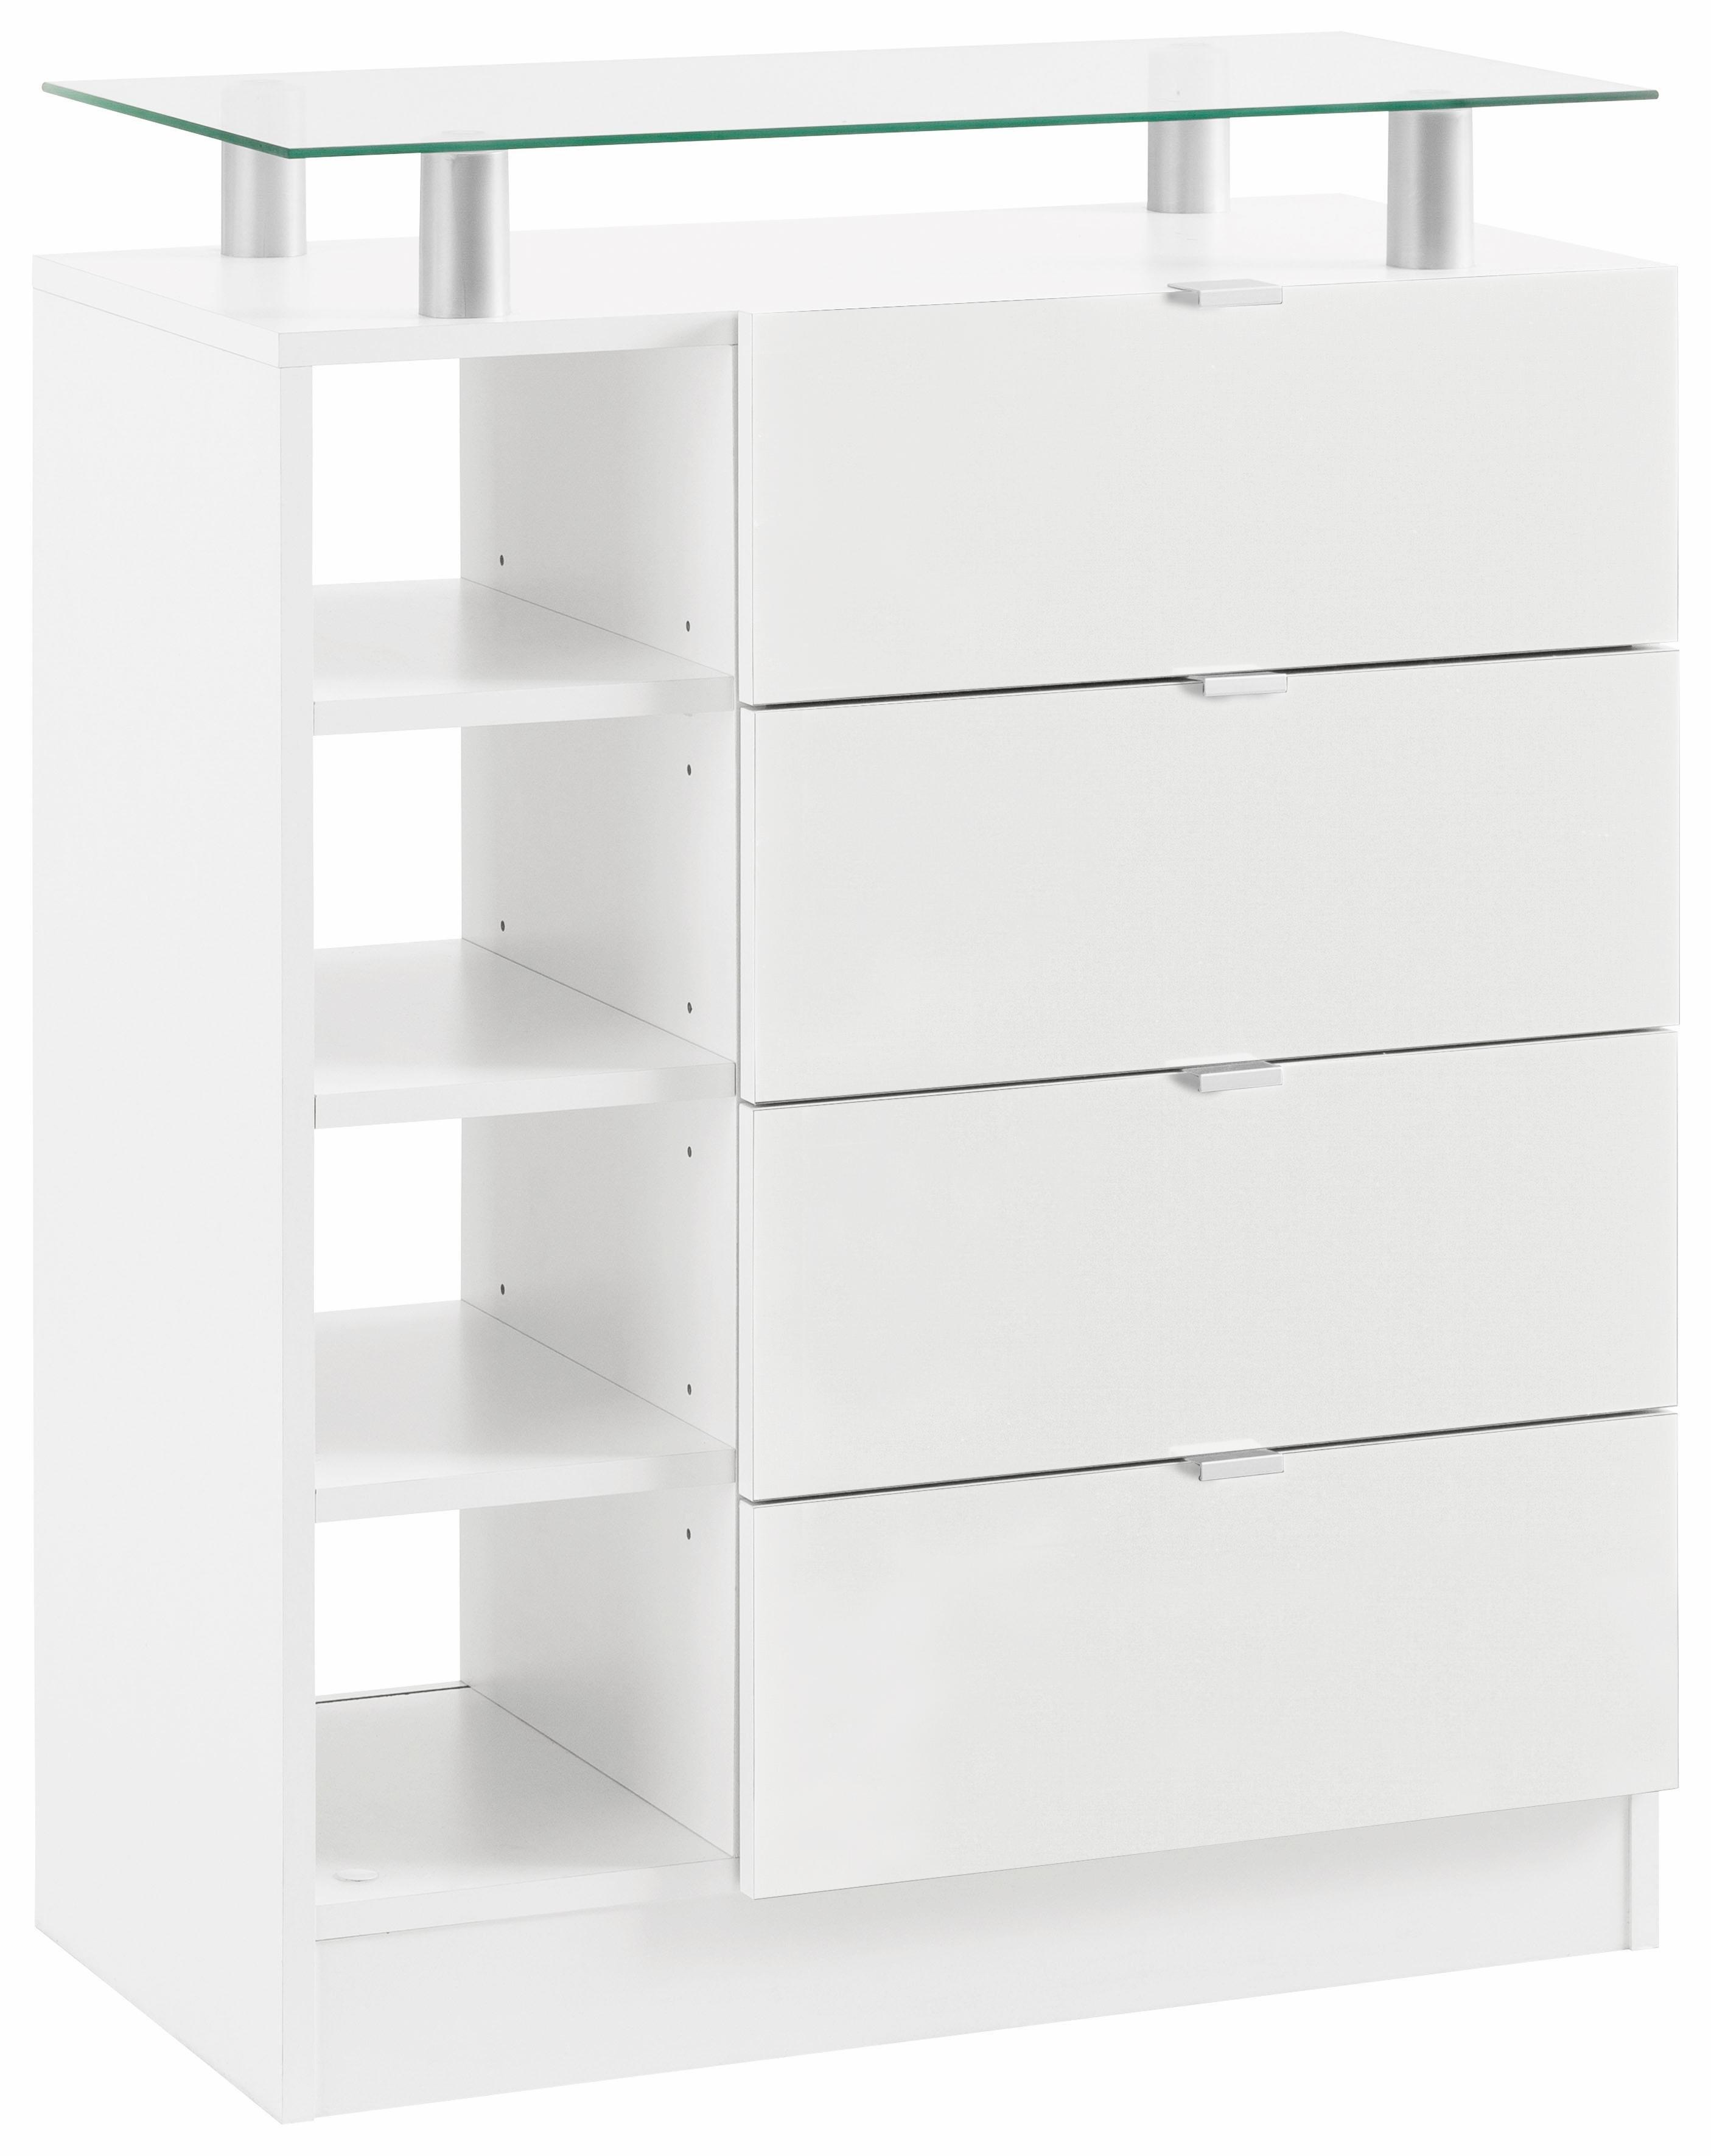 kast dolly breedte 67 cm koop je bij otto. Black Bedroom Furniture Sets. Home Design Ideas